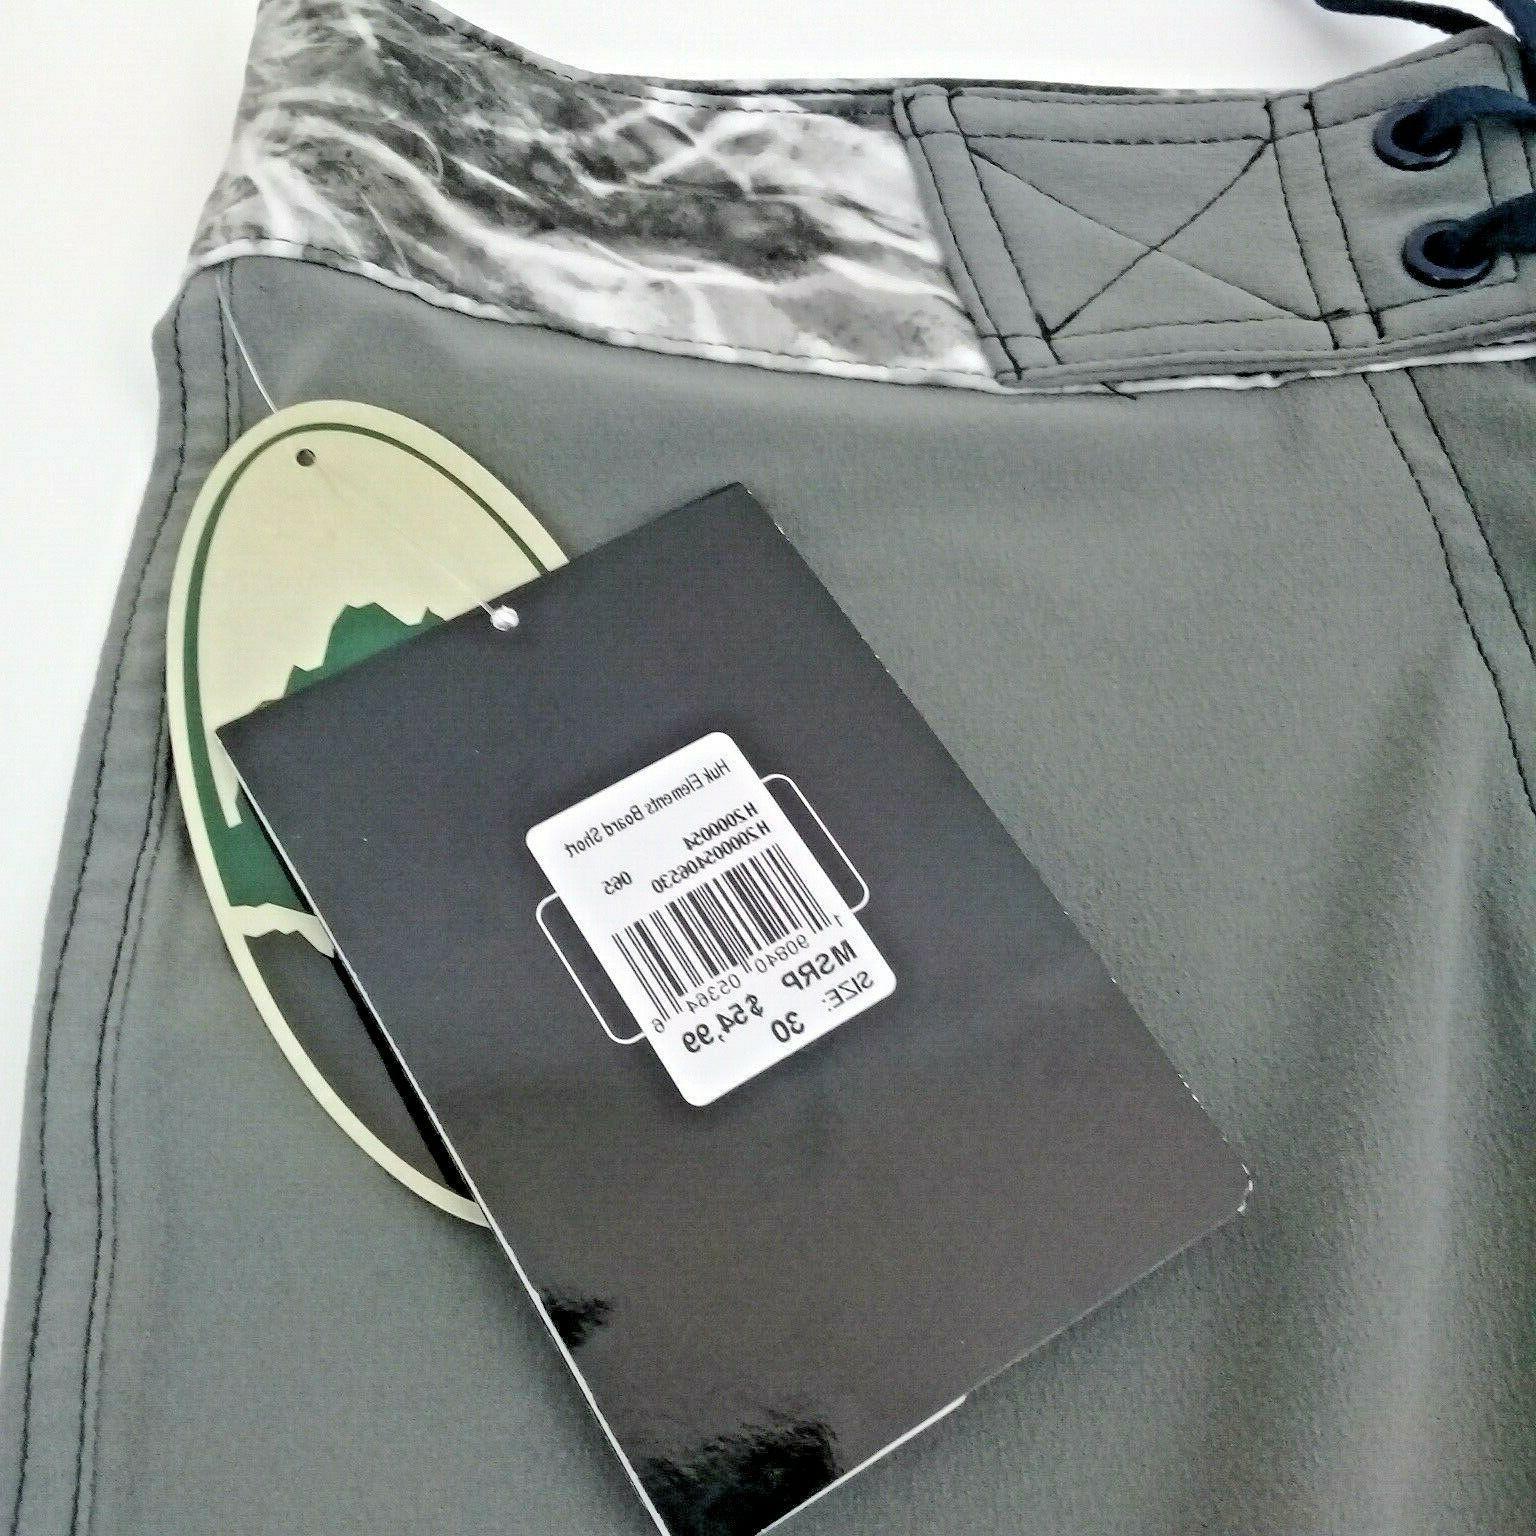 NWT Elements Size Olive Shorts $55